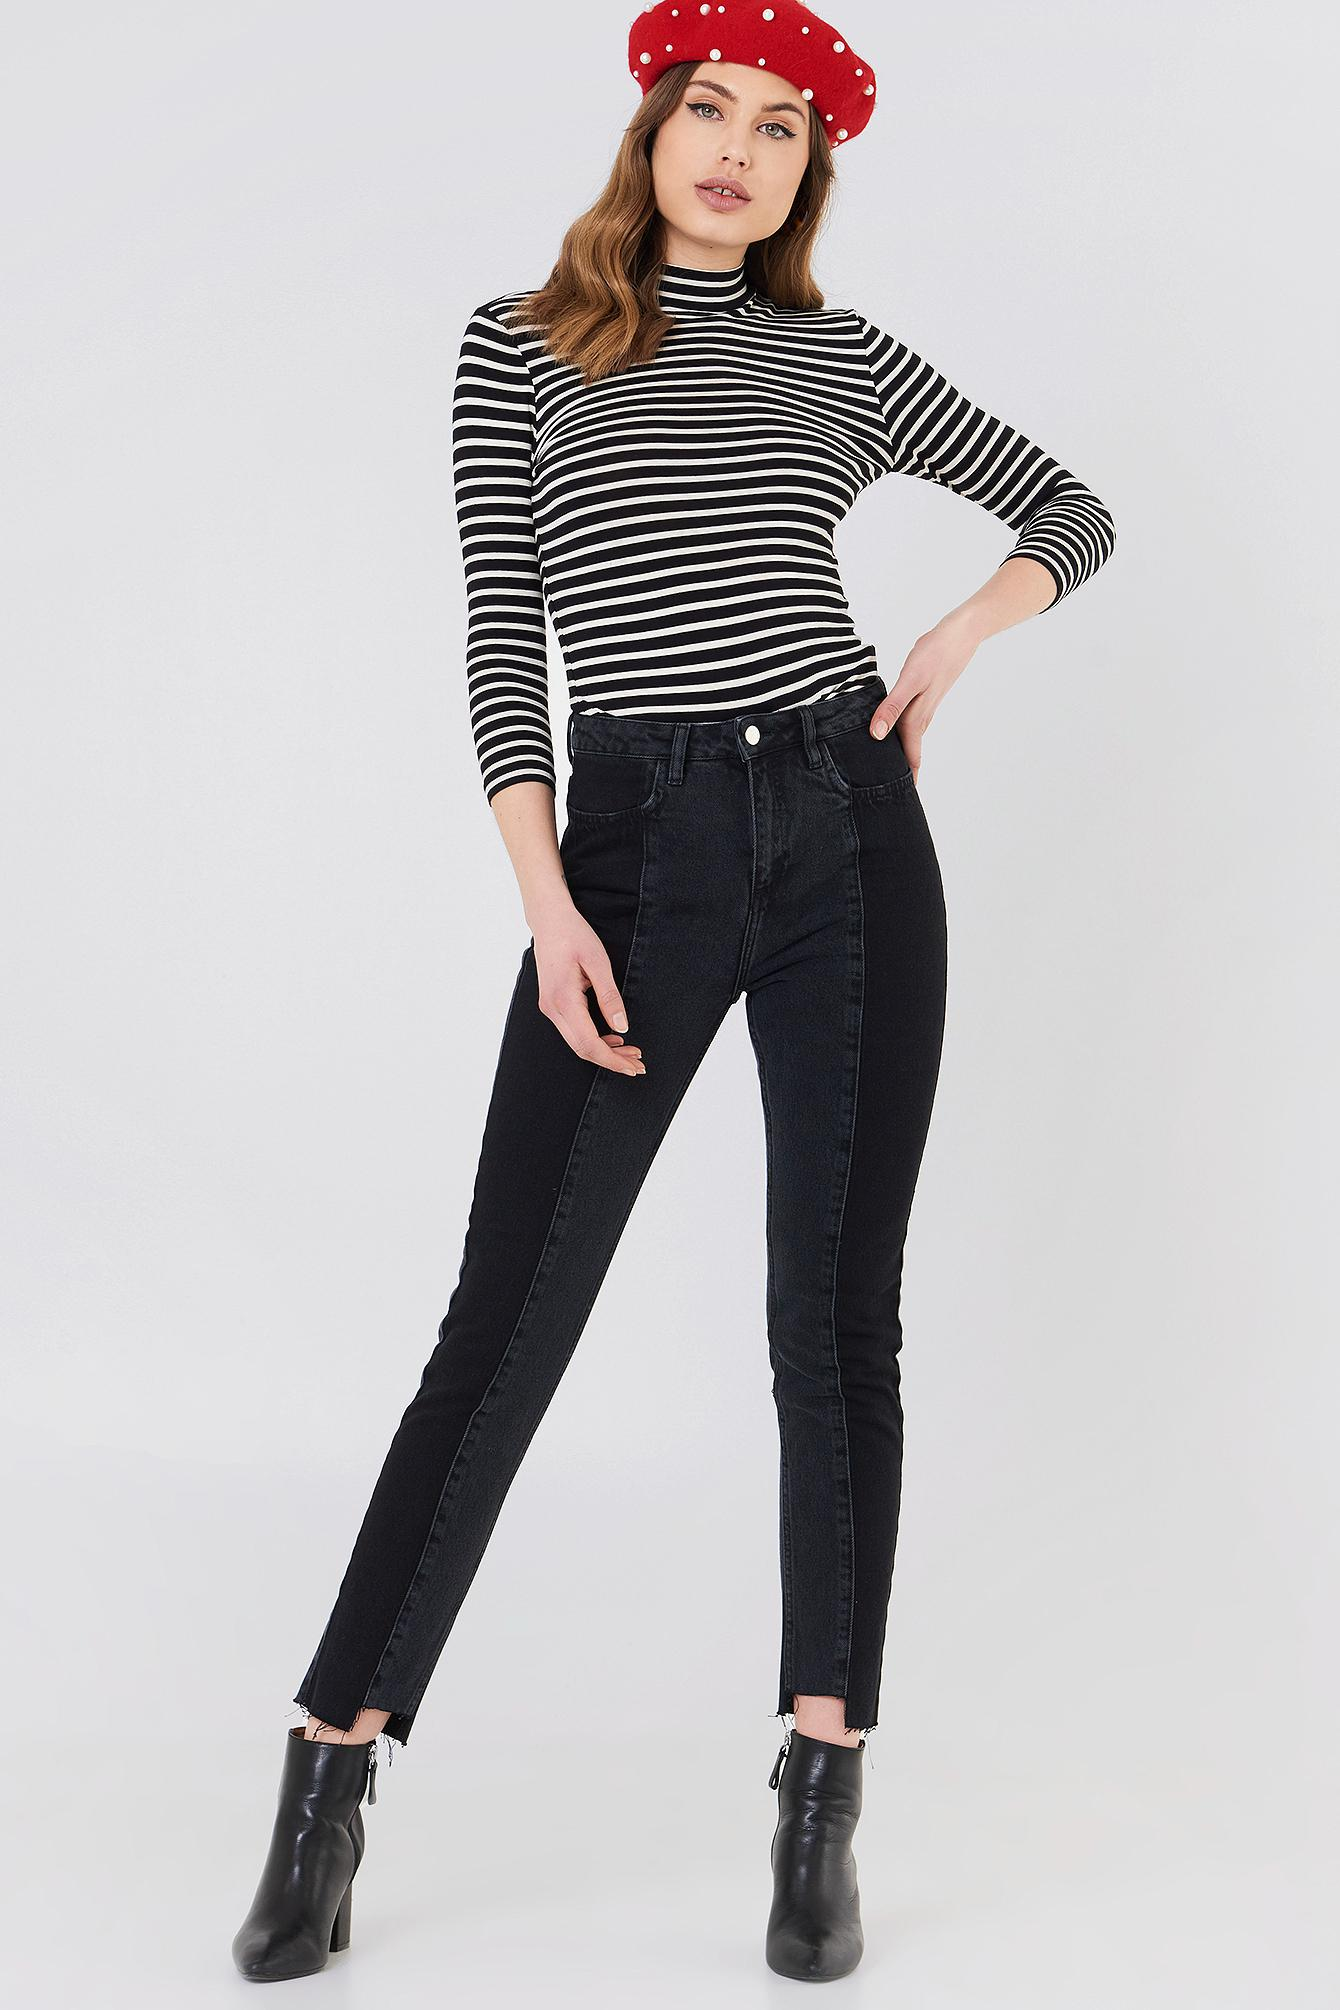 93d274da6db Lyst - NA-KD Panel Jeans Black in Black - Save 20.33898305084746%